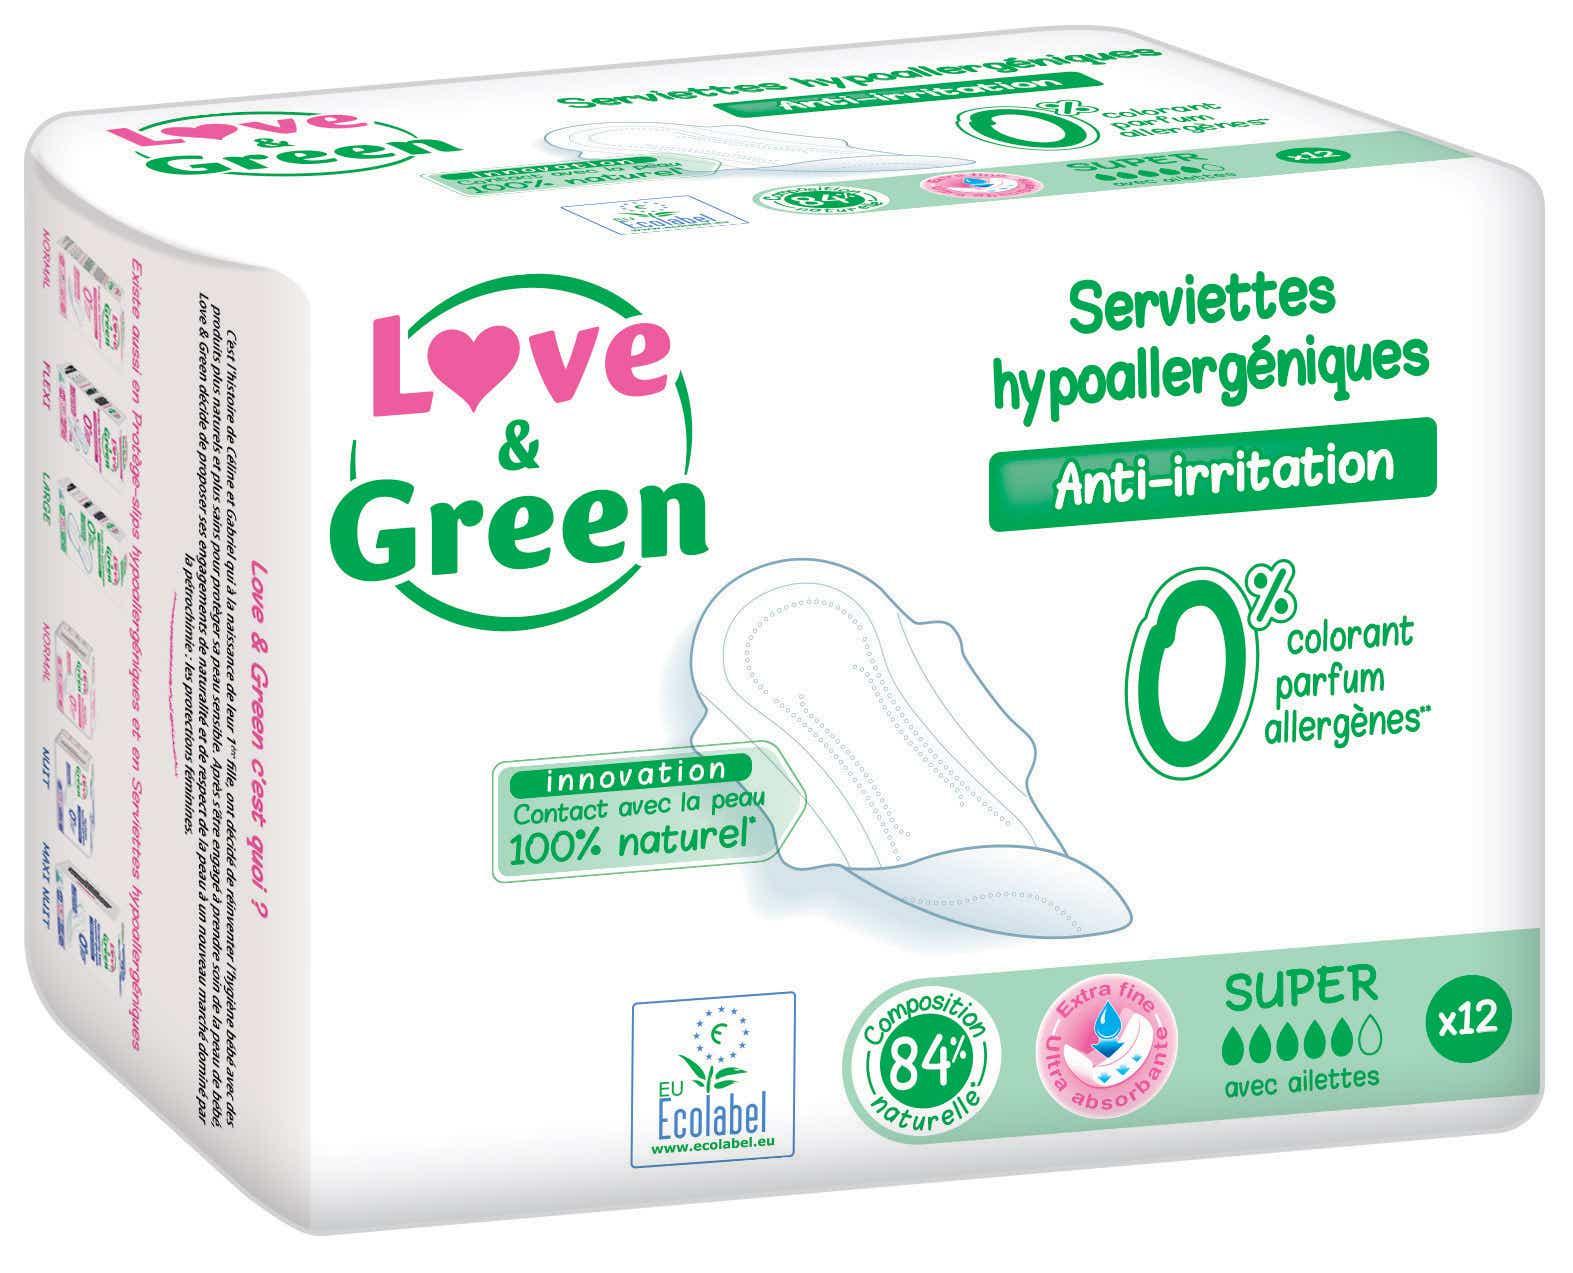 LOVE & GREEN Serviettes Hygiéniques Hypoallergéniques Anti-irritation Super, 12 unités